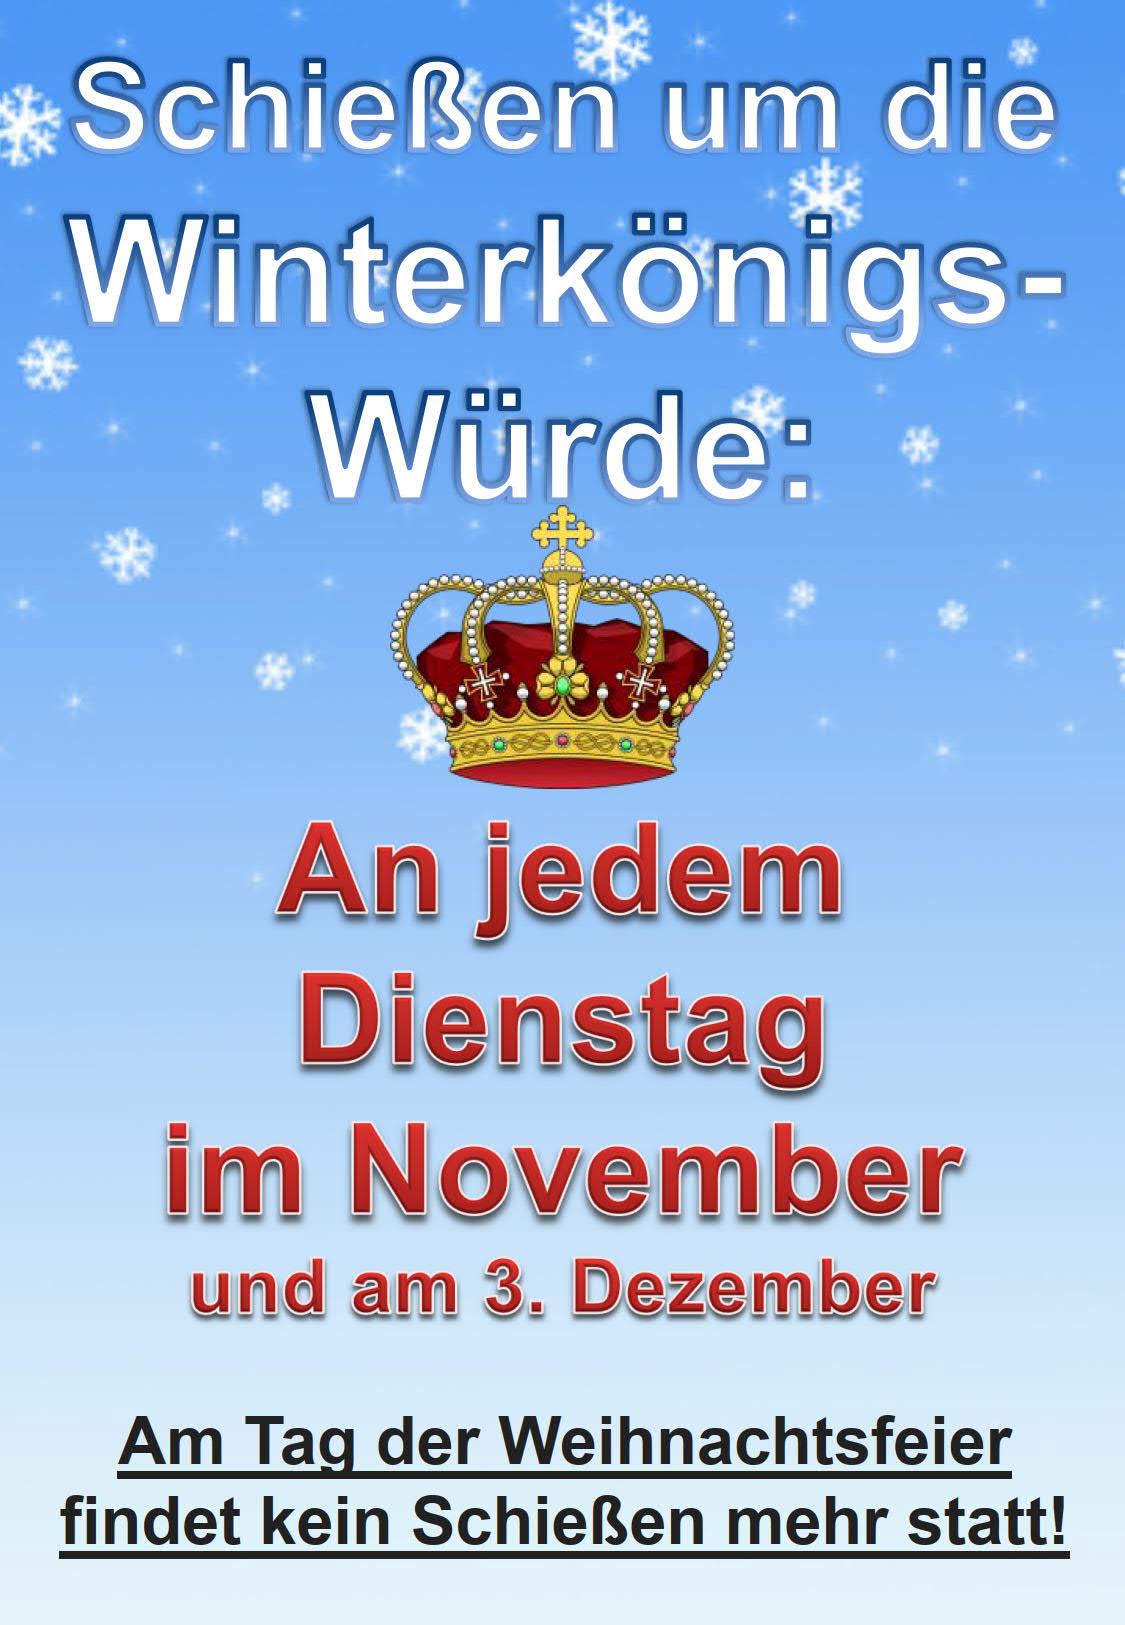 Schießen um die Winterkönigswürde im November